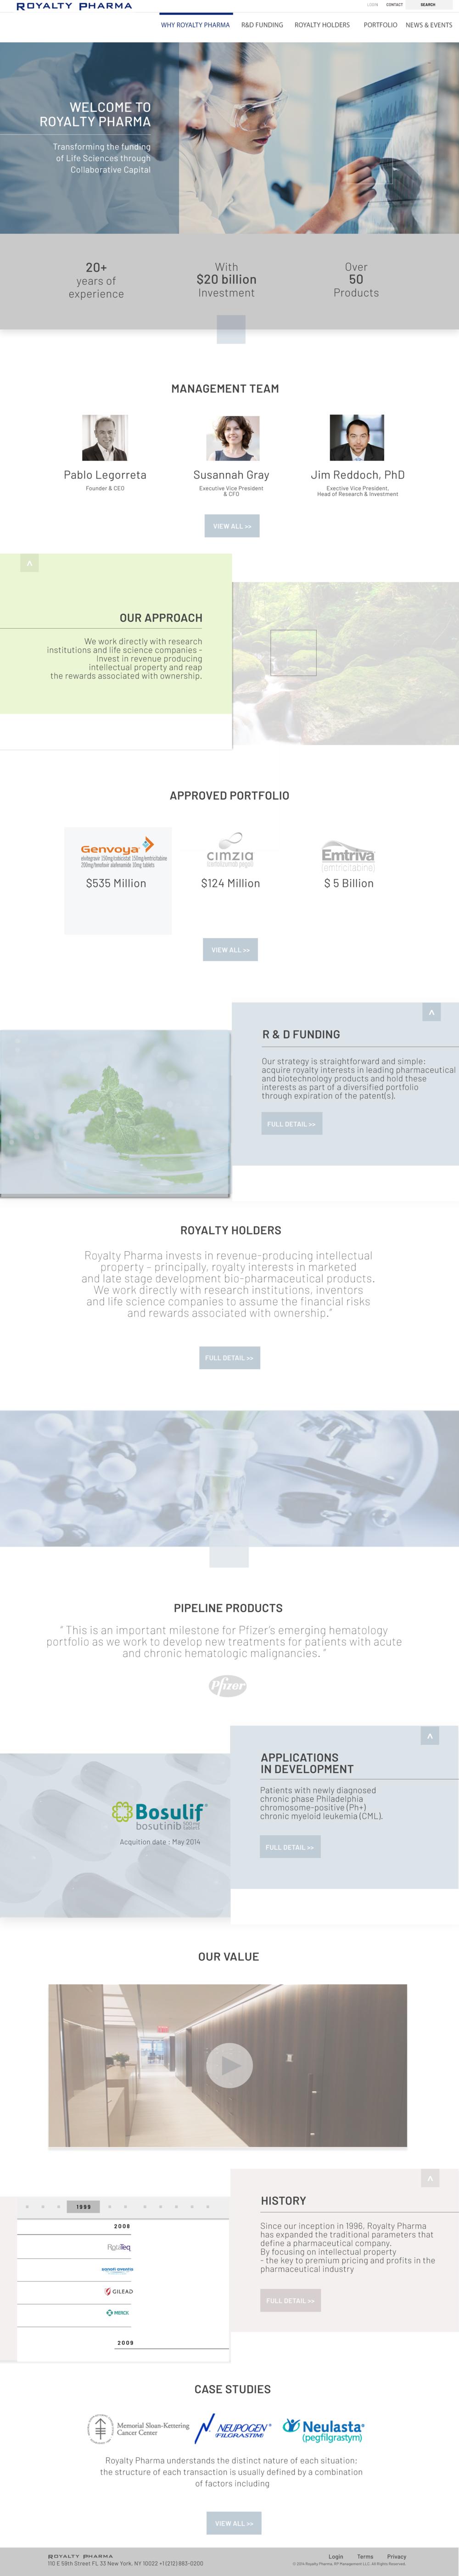 RP_homepage_ver1_nov22.png